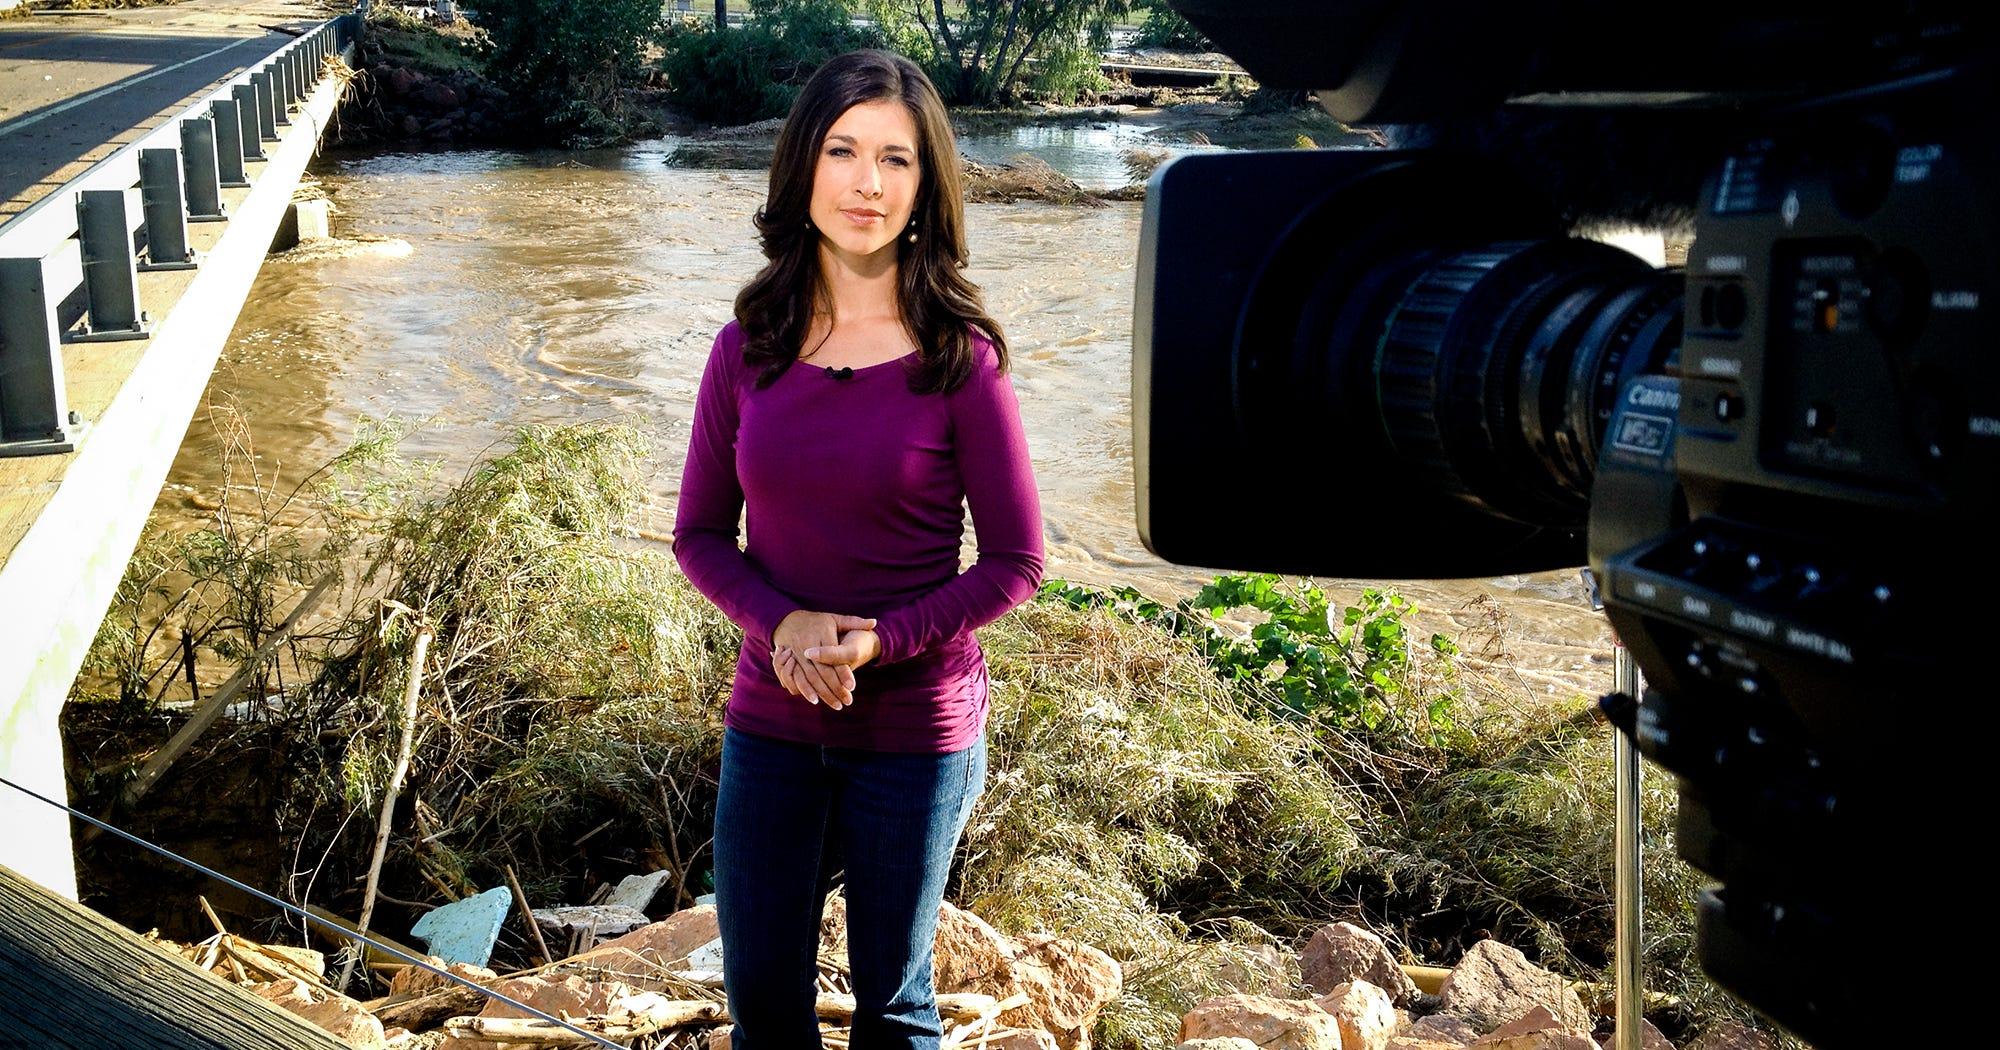 Ana Cabrera CNN Interview — Diversity In Journalism